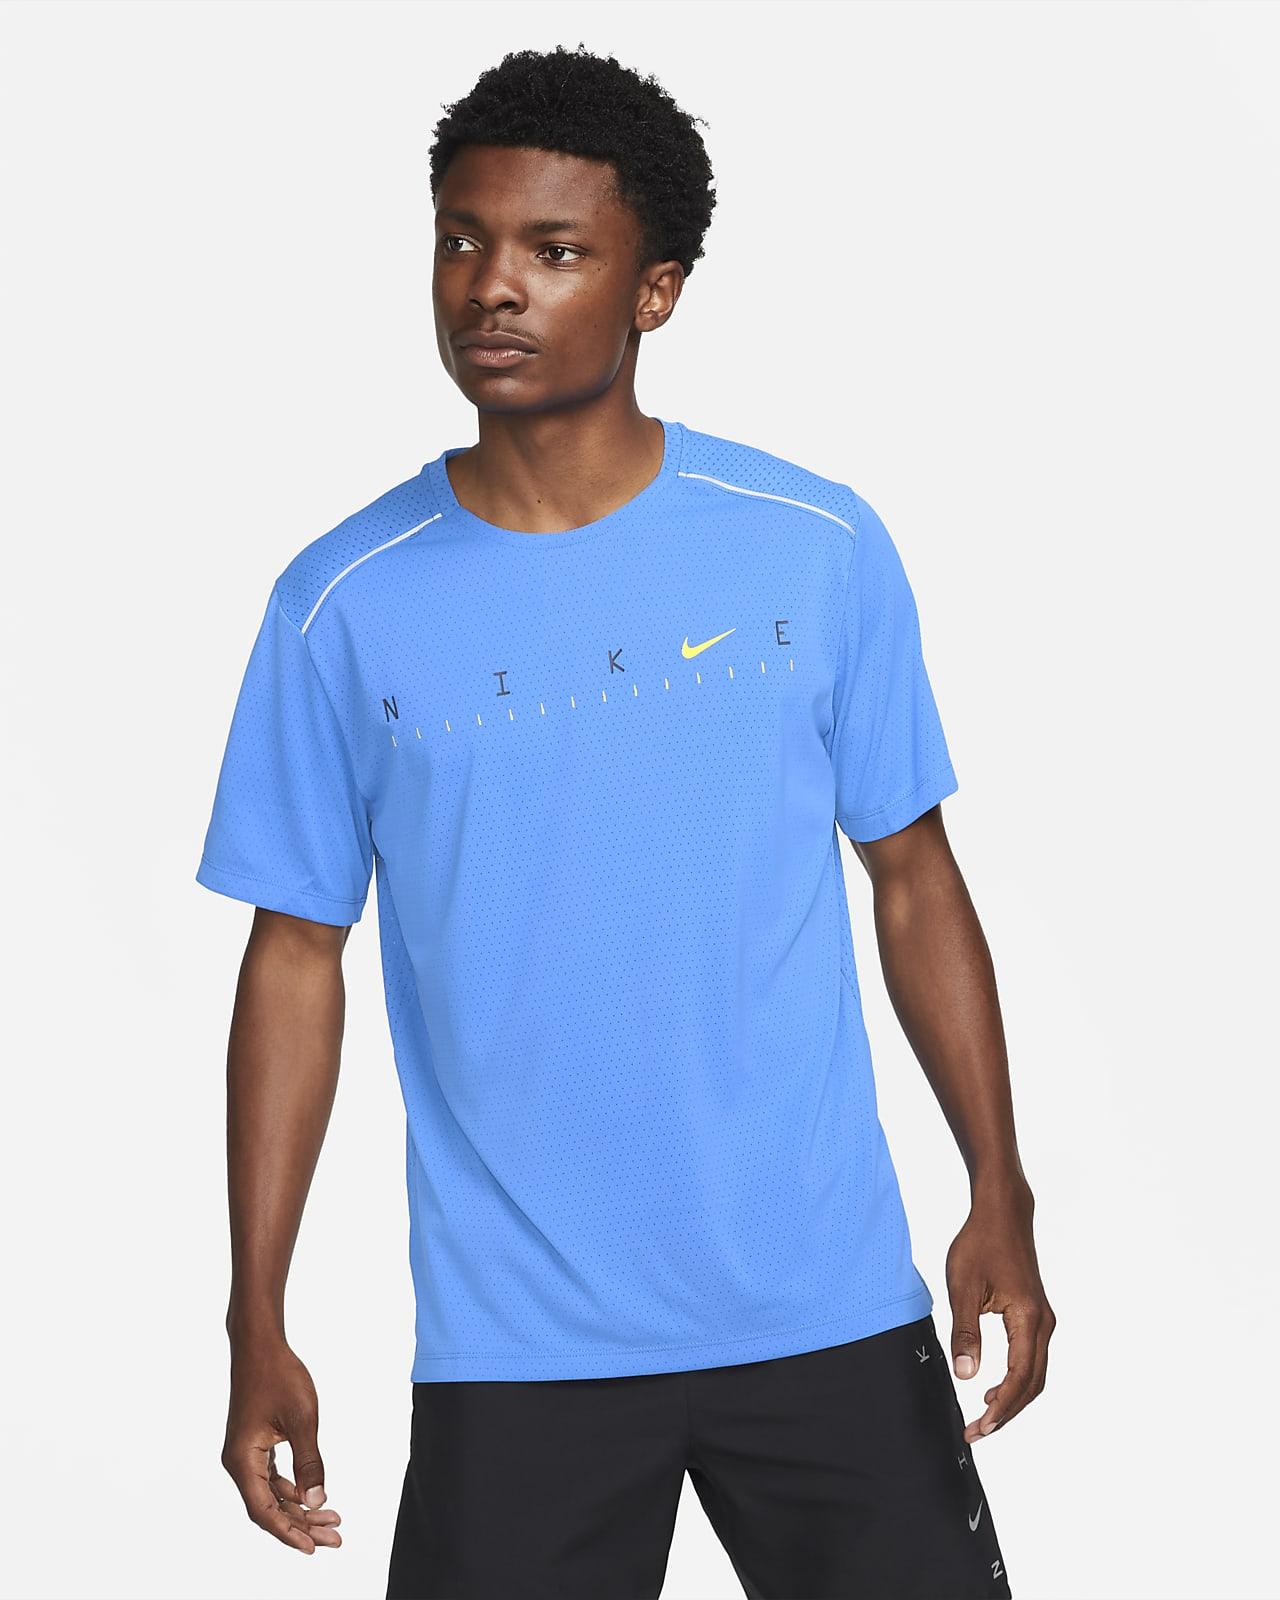 Nike Dri-FIT Miler Future Fast Men's Running Top